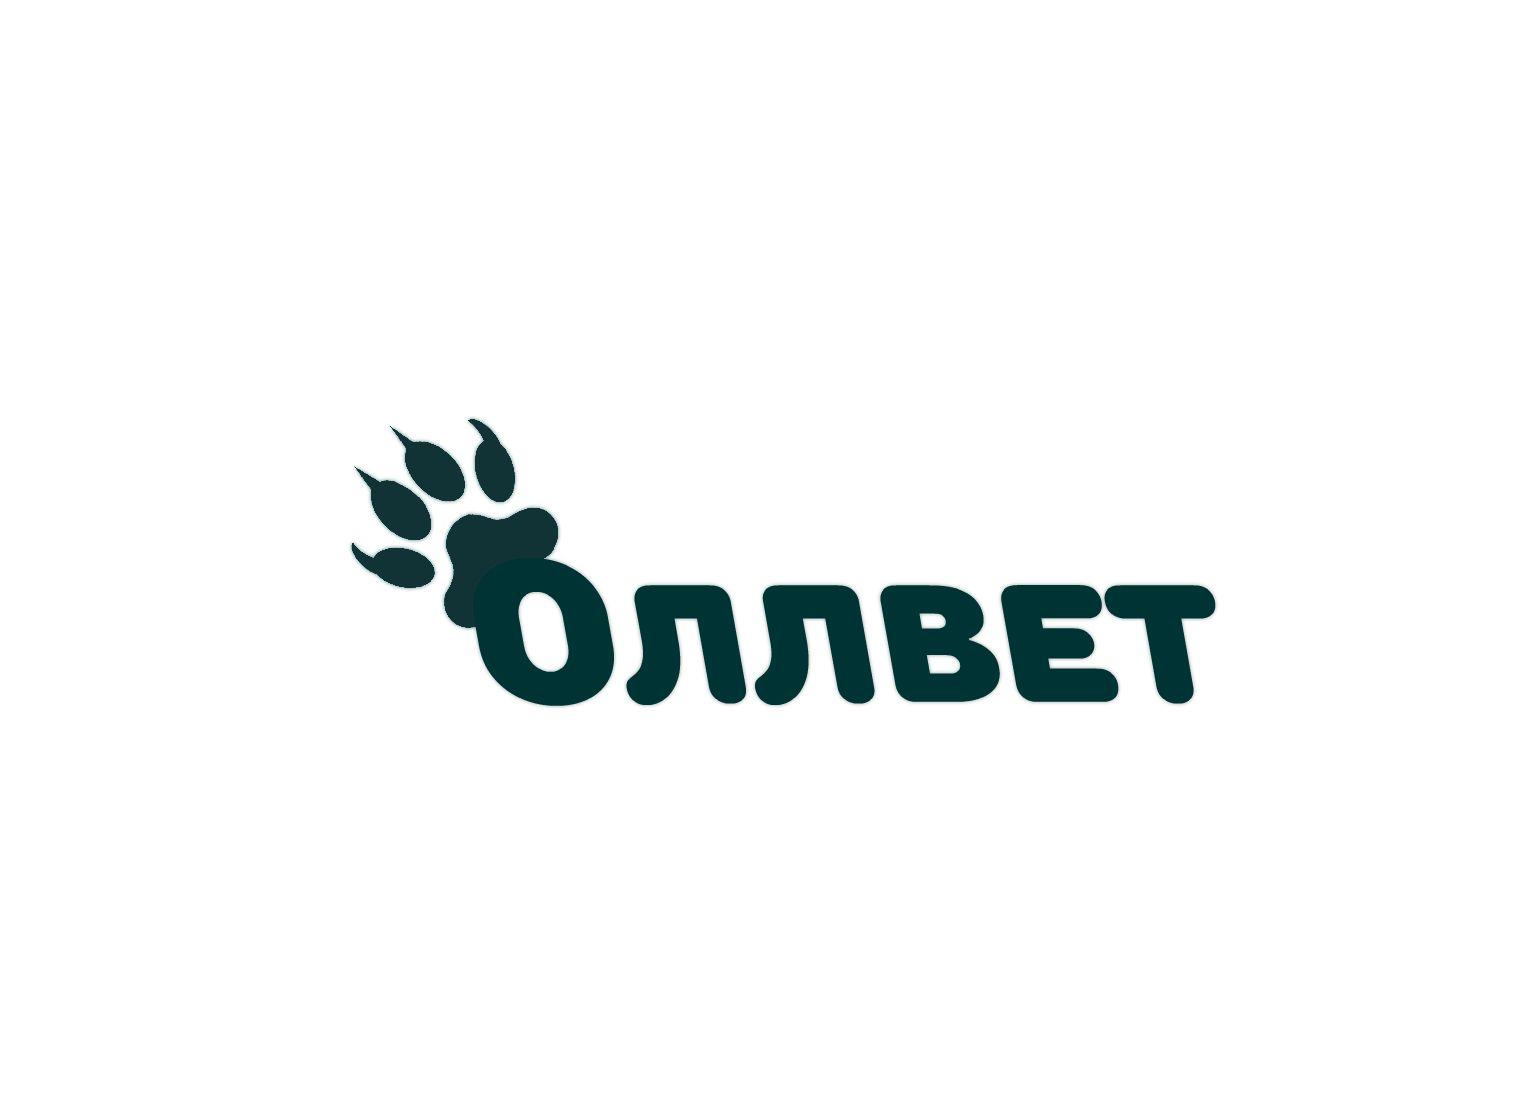 Создание логотипа и стиля ветеринарной компании - дизайнер flashbrowser